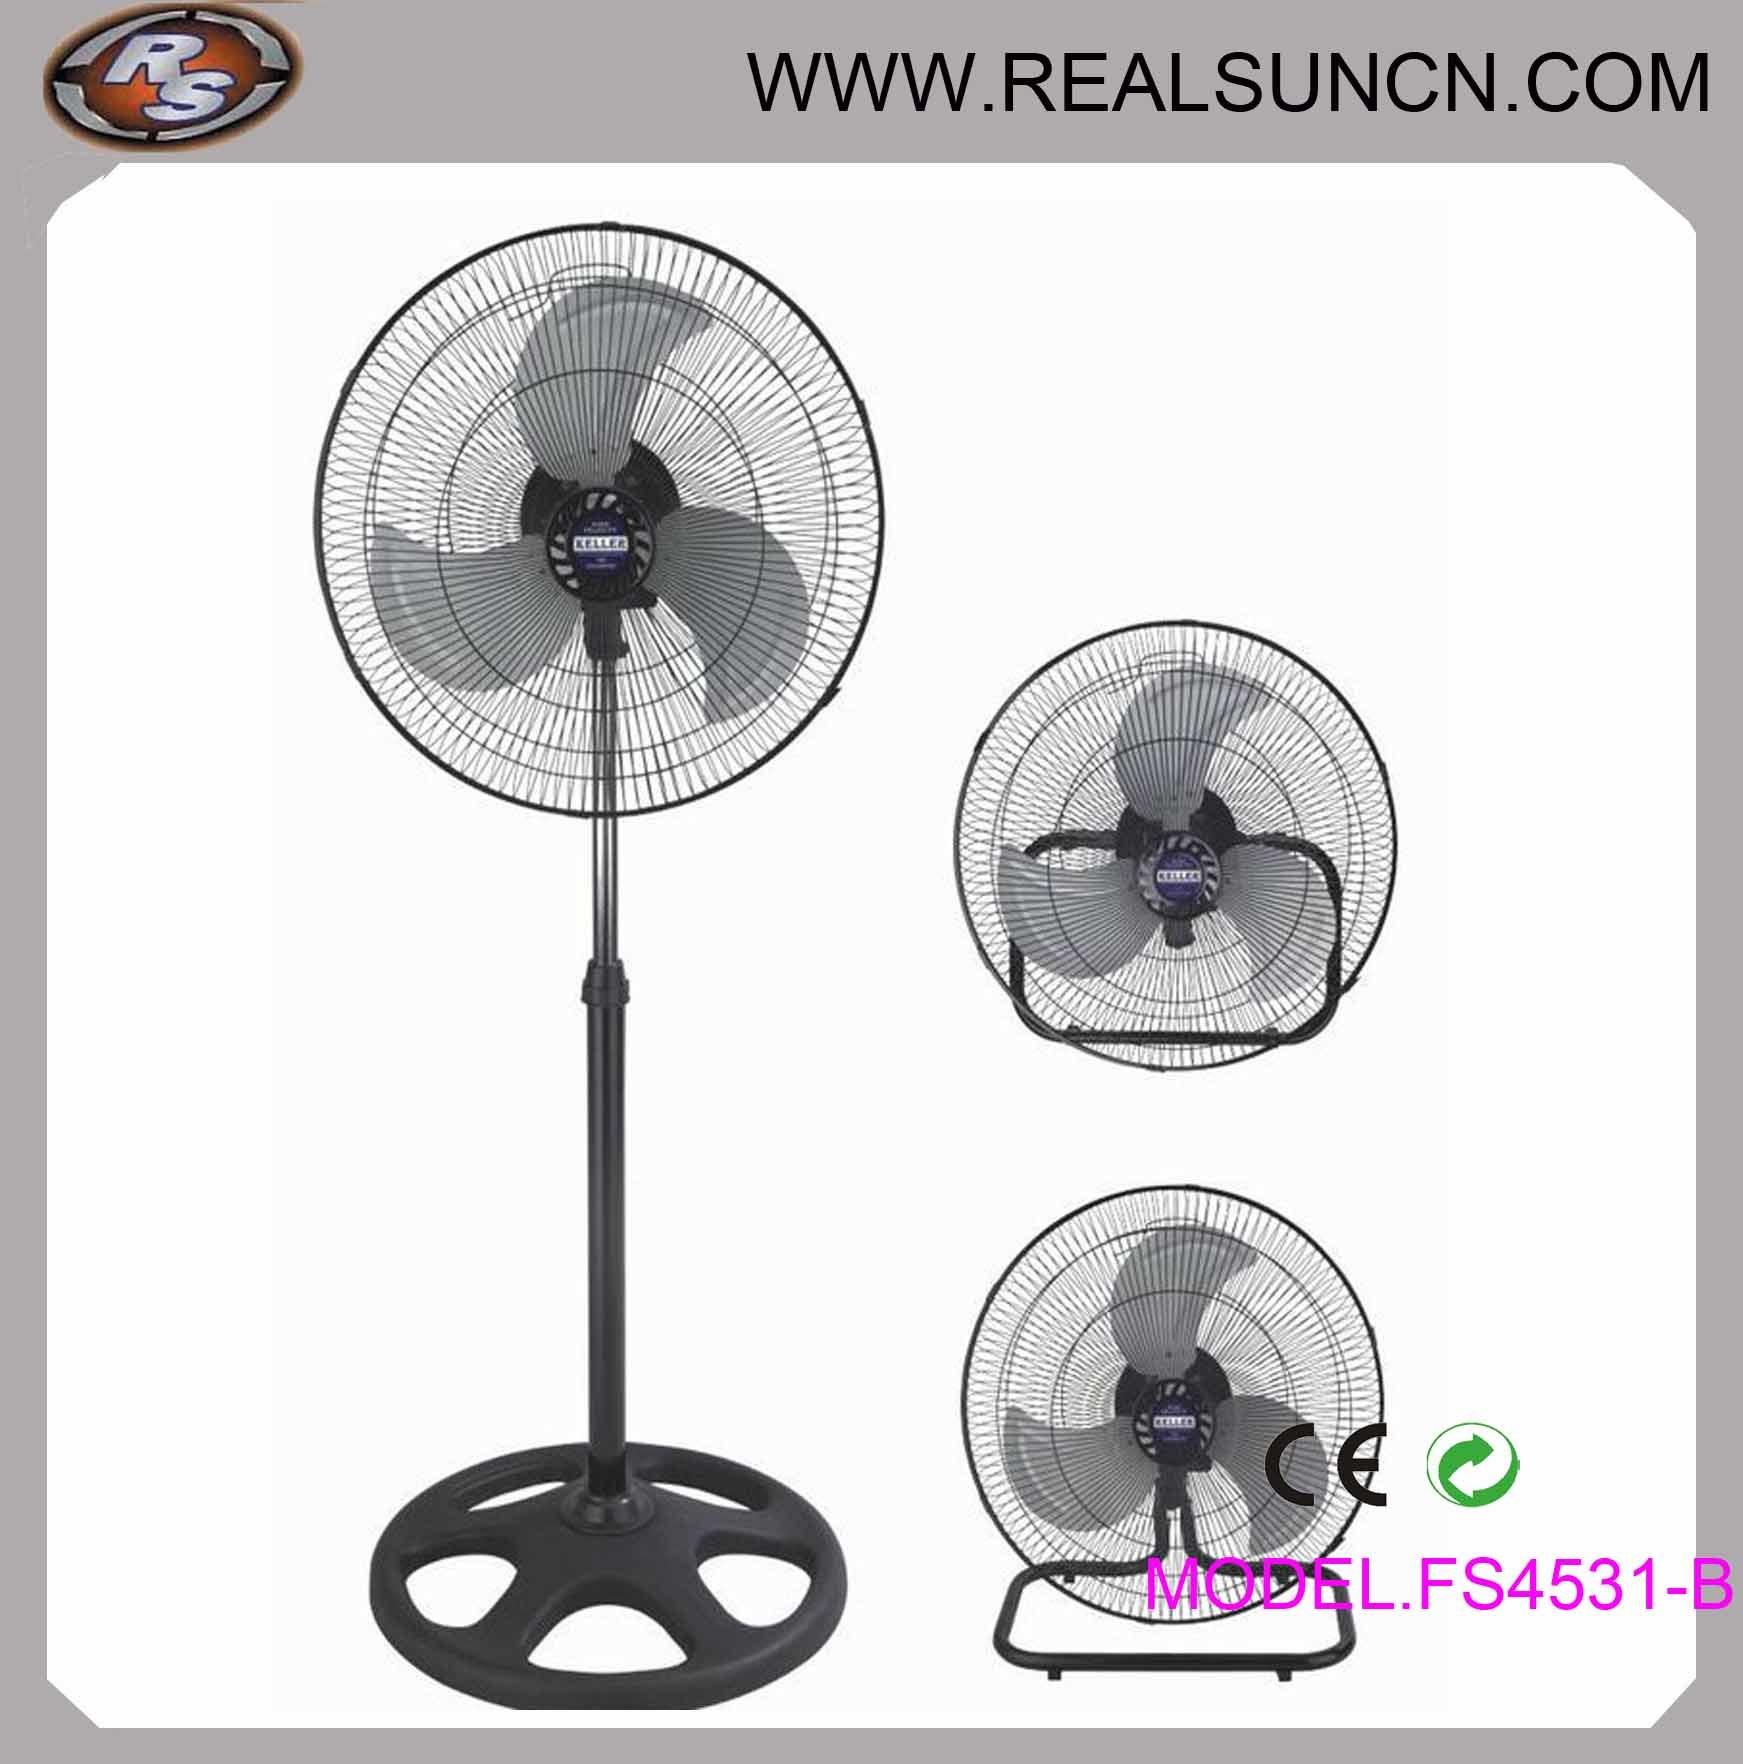 18inch Industrial 3 in 1 Fan-Stand Table Fan, Wall Fan 3 in 1-Competitive Price